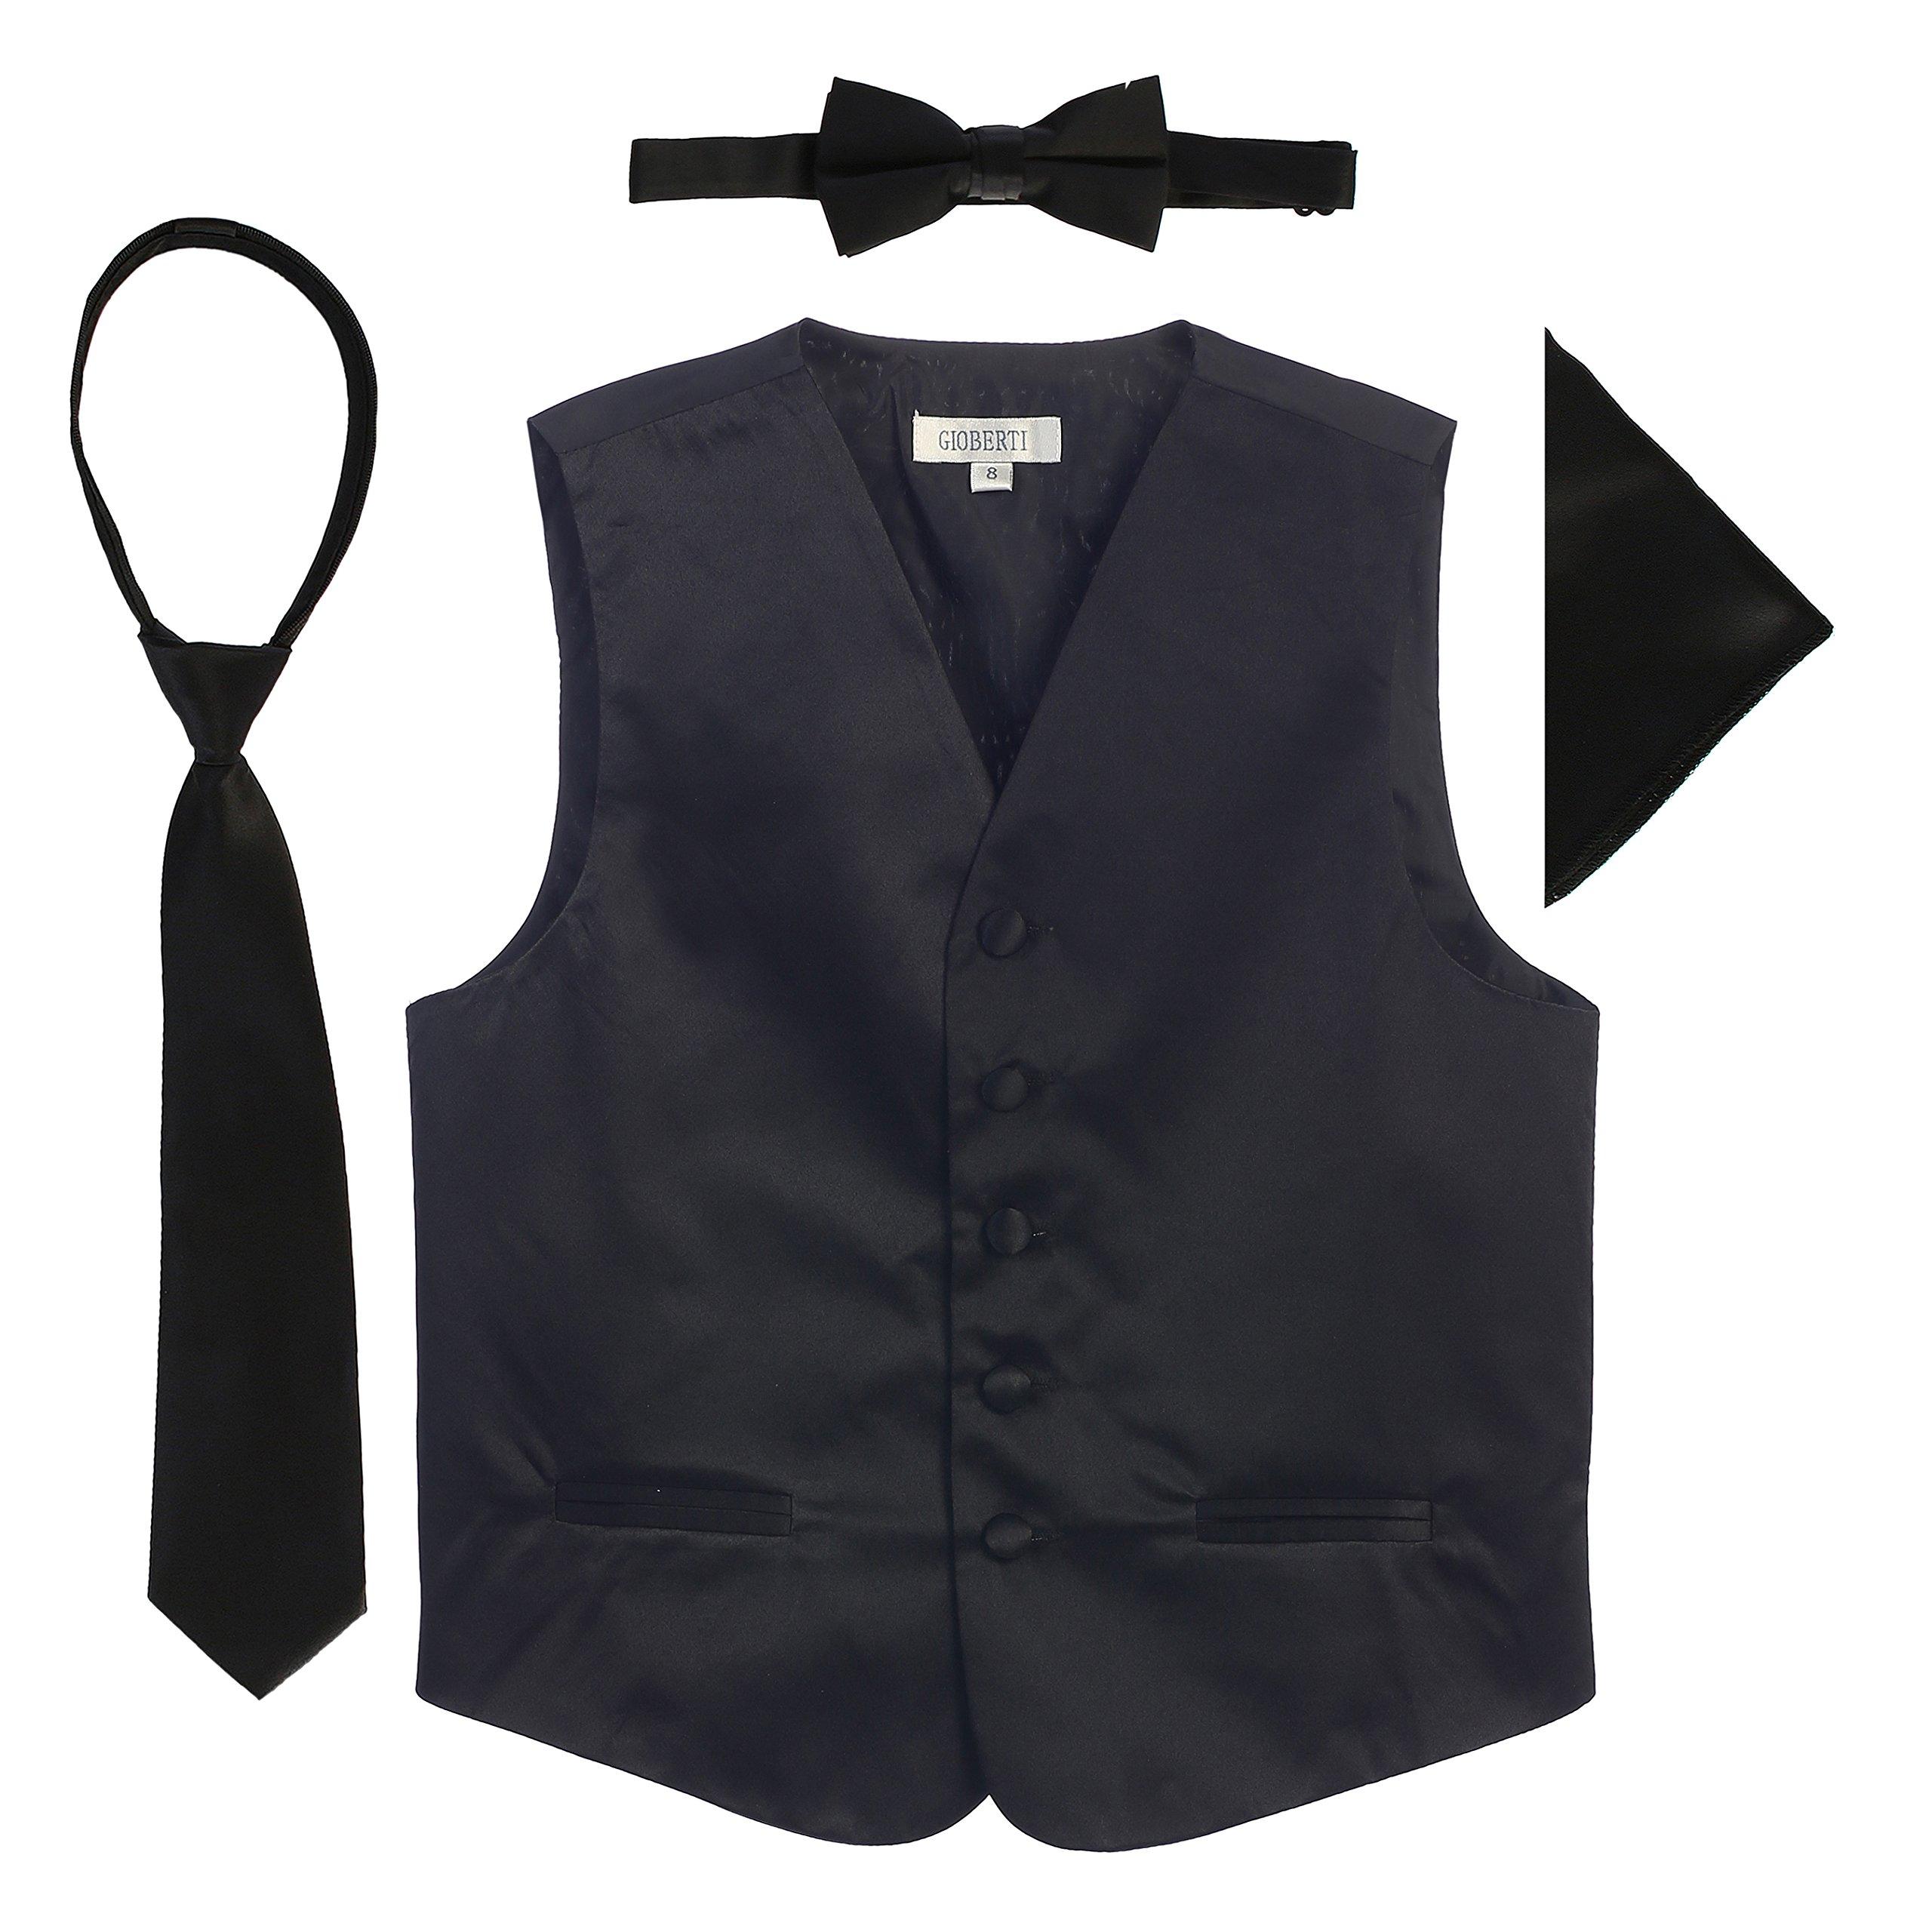 Gioberti Boys 4pc Satin Formal Vest Set, Black, 6-7